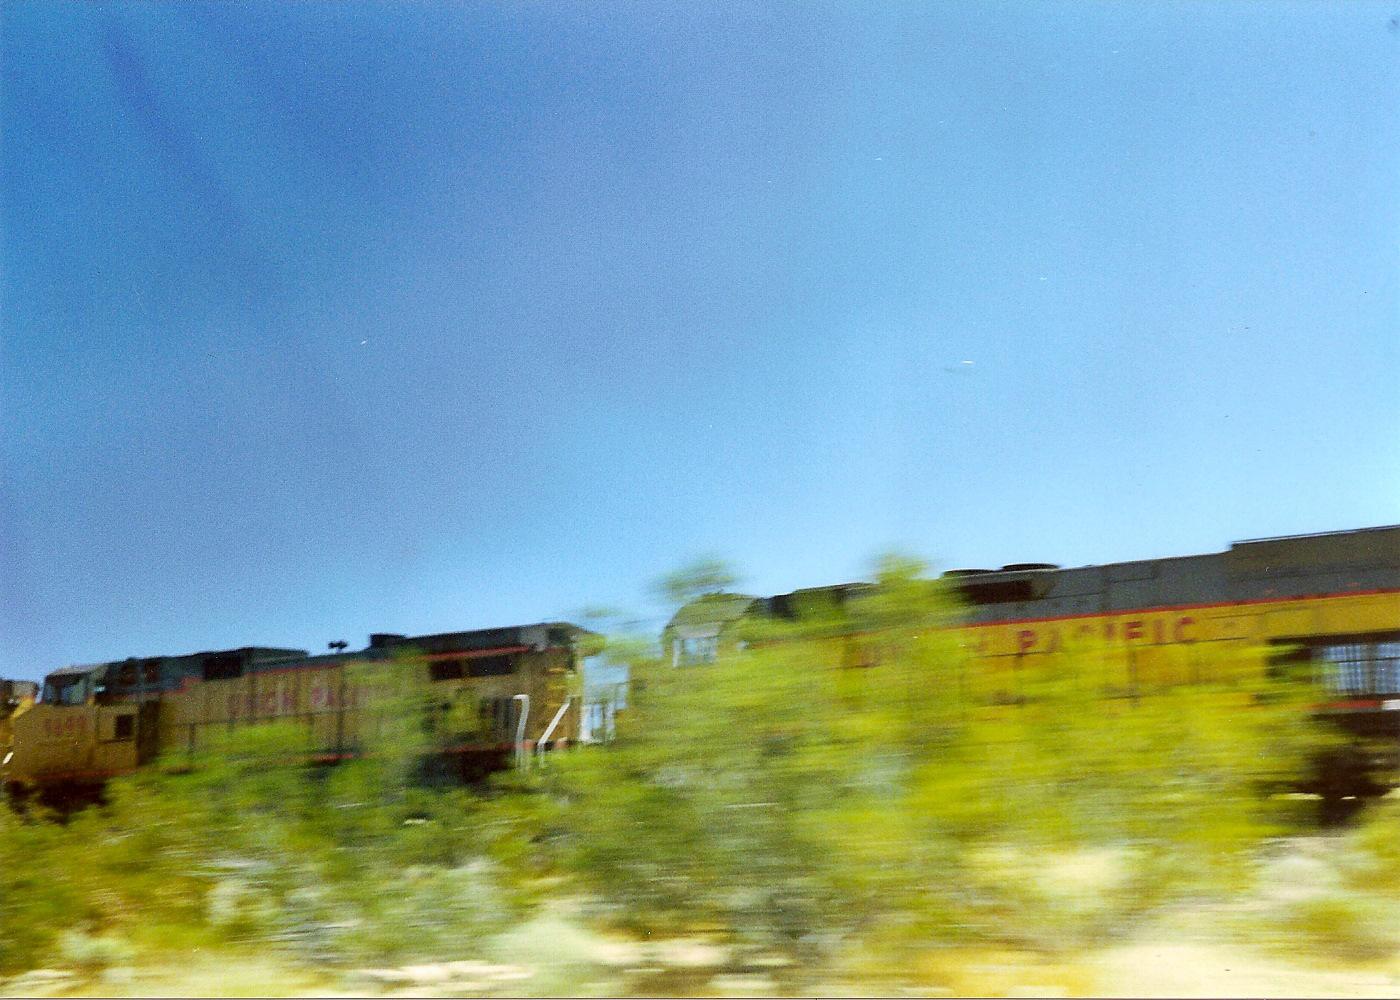 20050803-BdMV Beatriz de Miguel Vijandi - go west-06-2.jpg